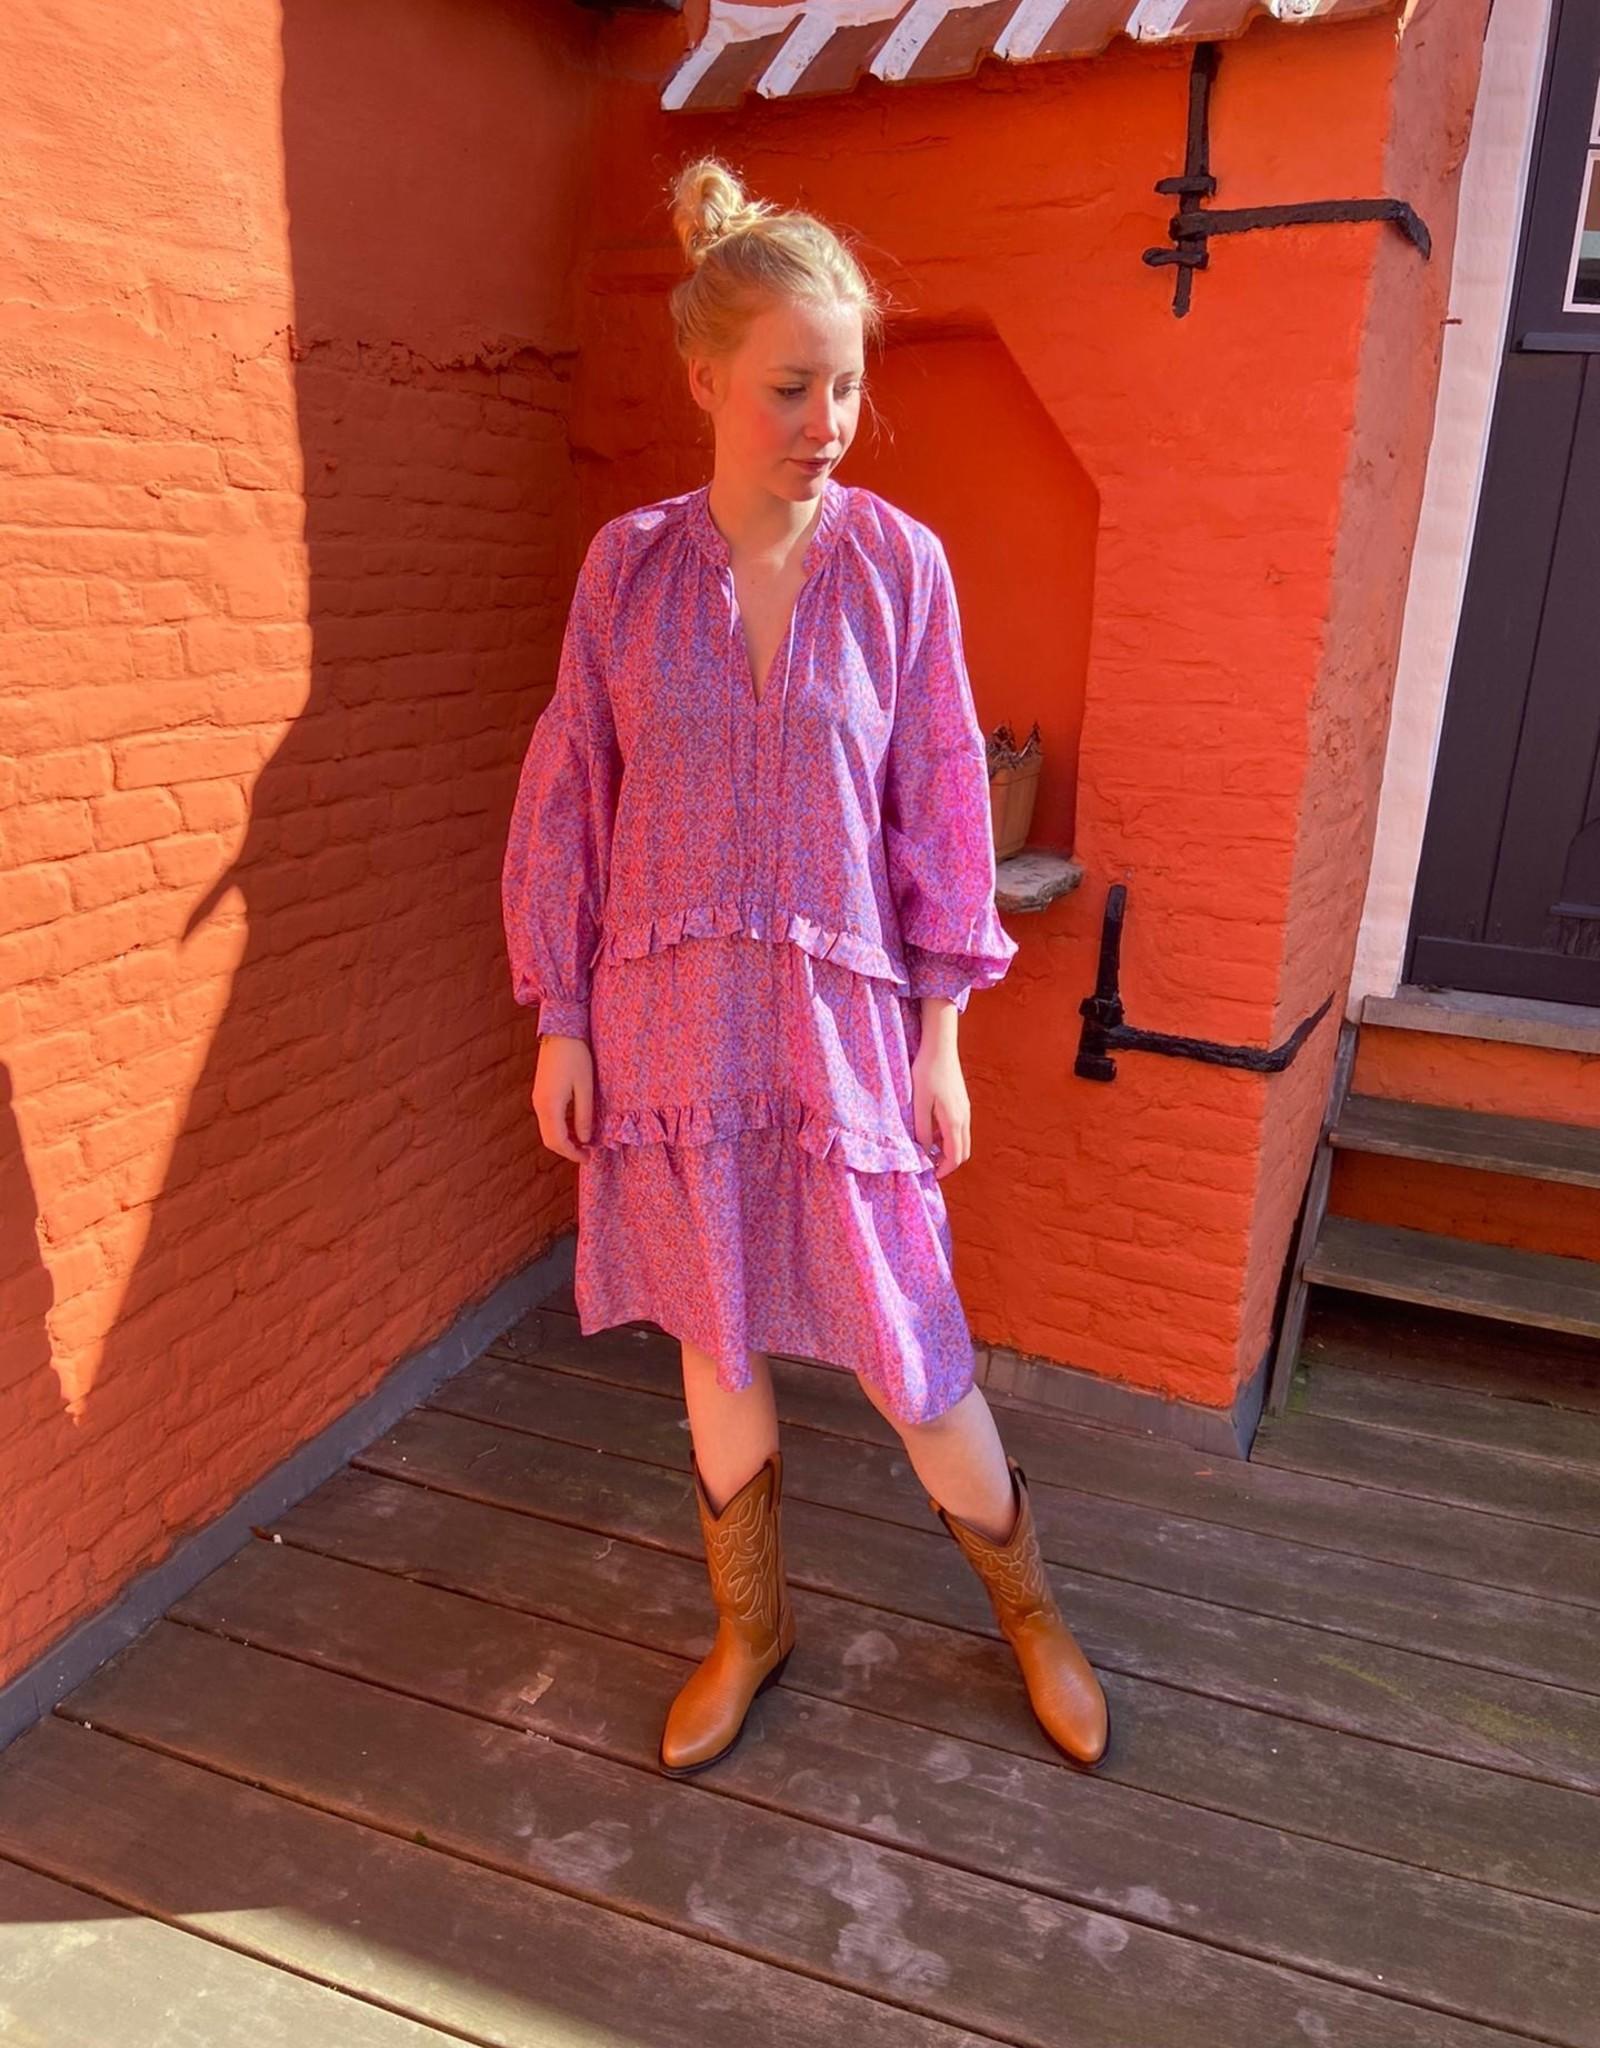 Sissel Edelbo Eve Short Dress 2